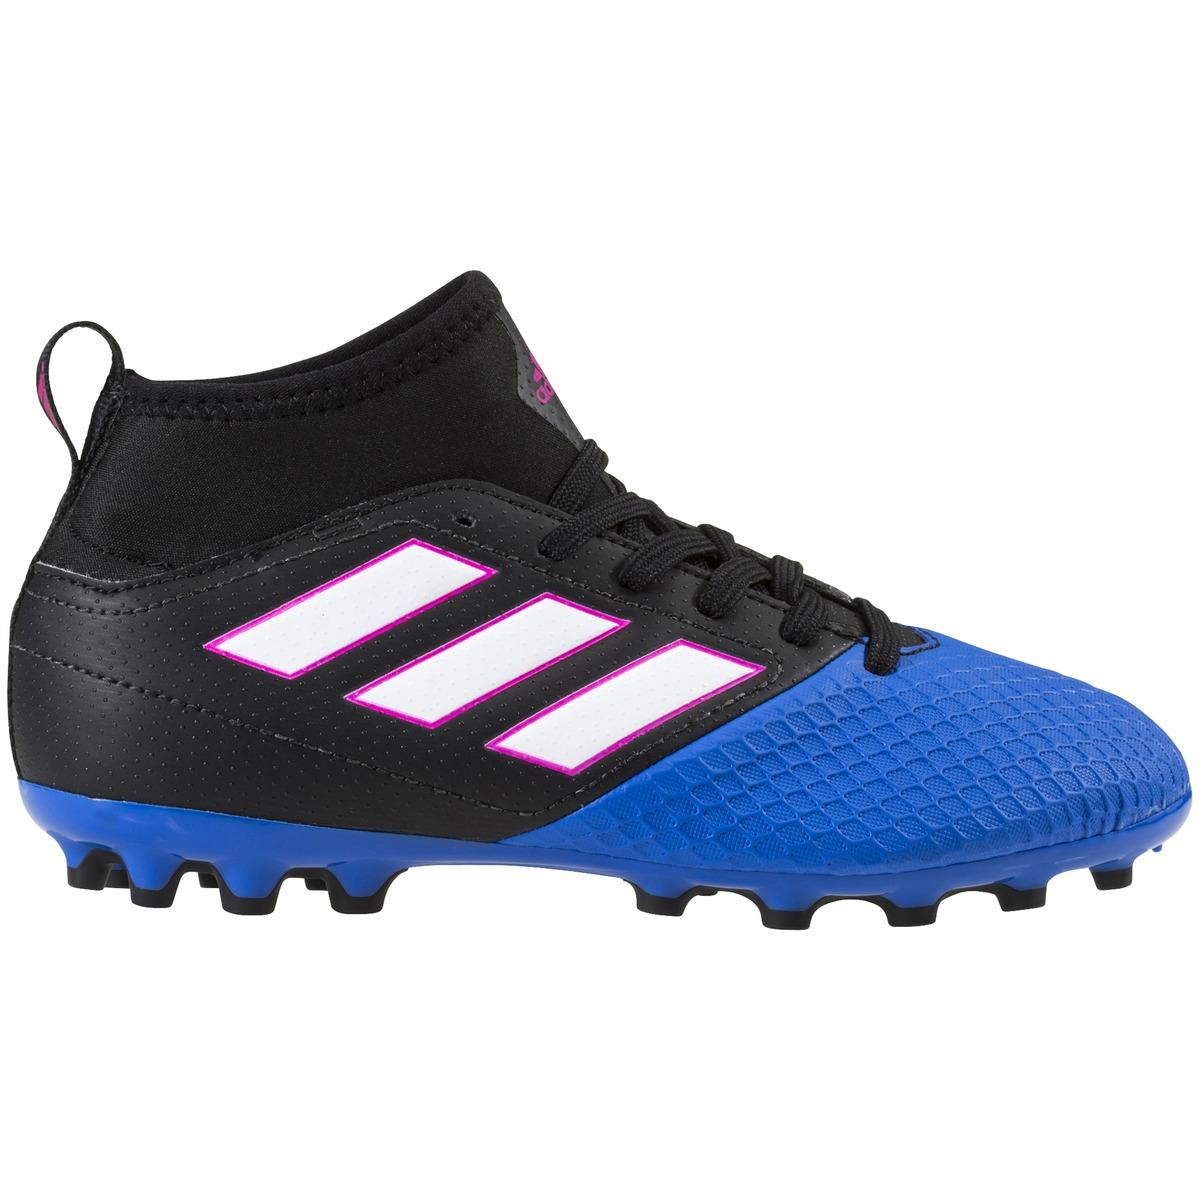 storleksguide adidas fotbollsskor